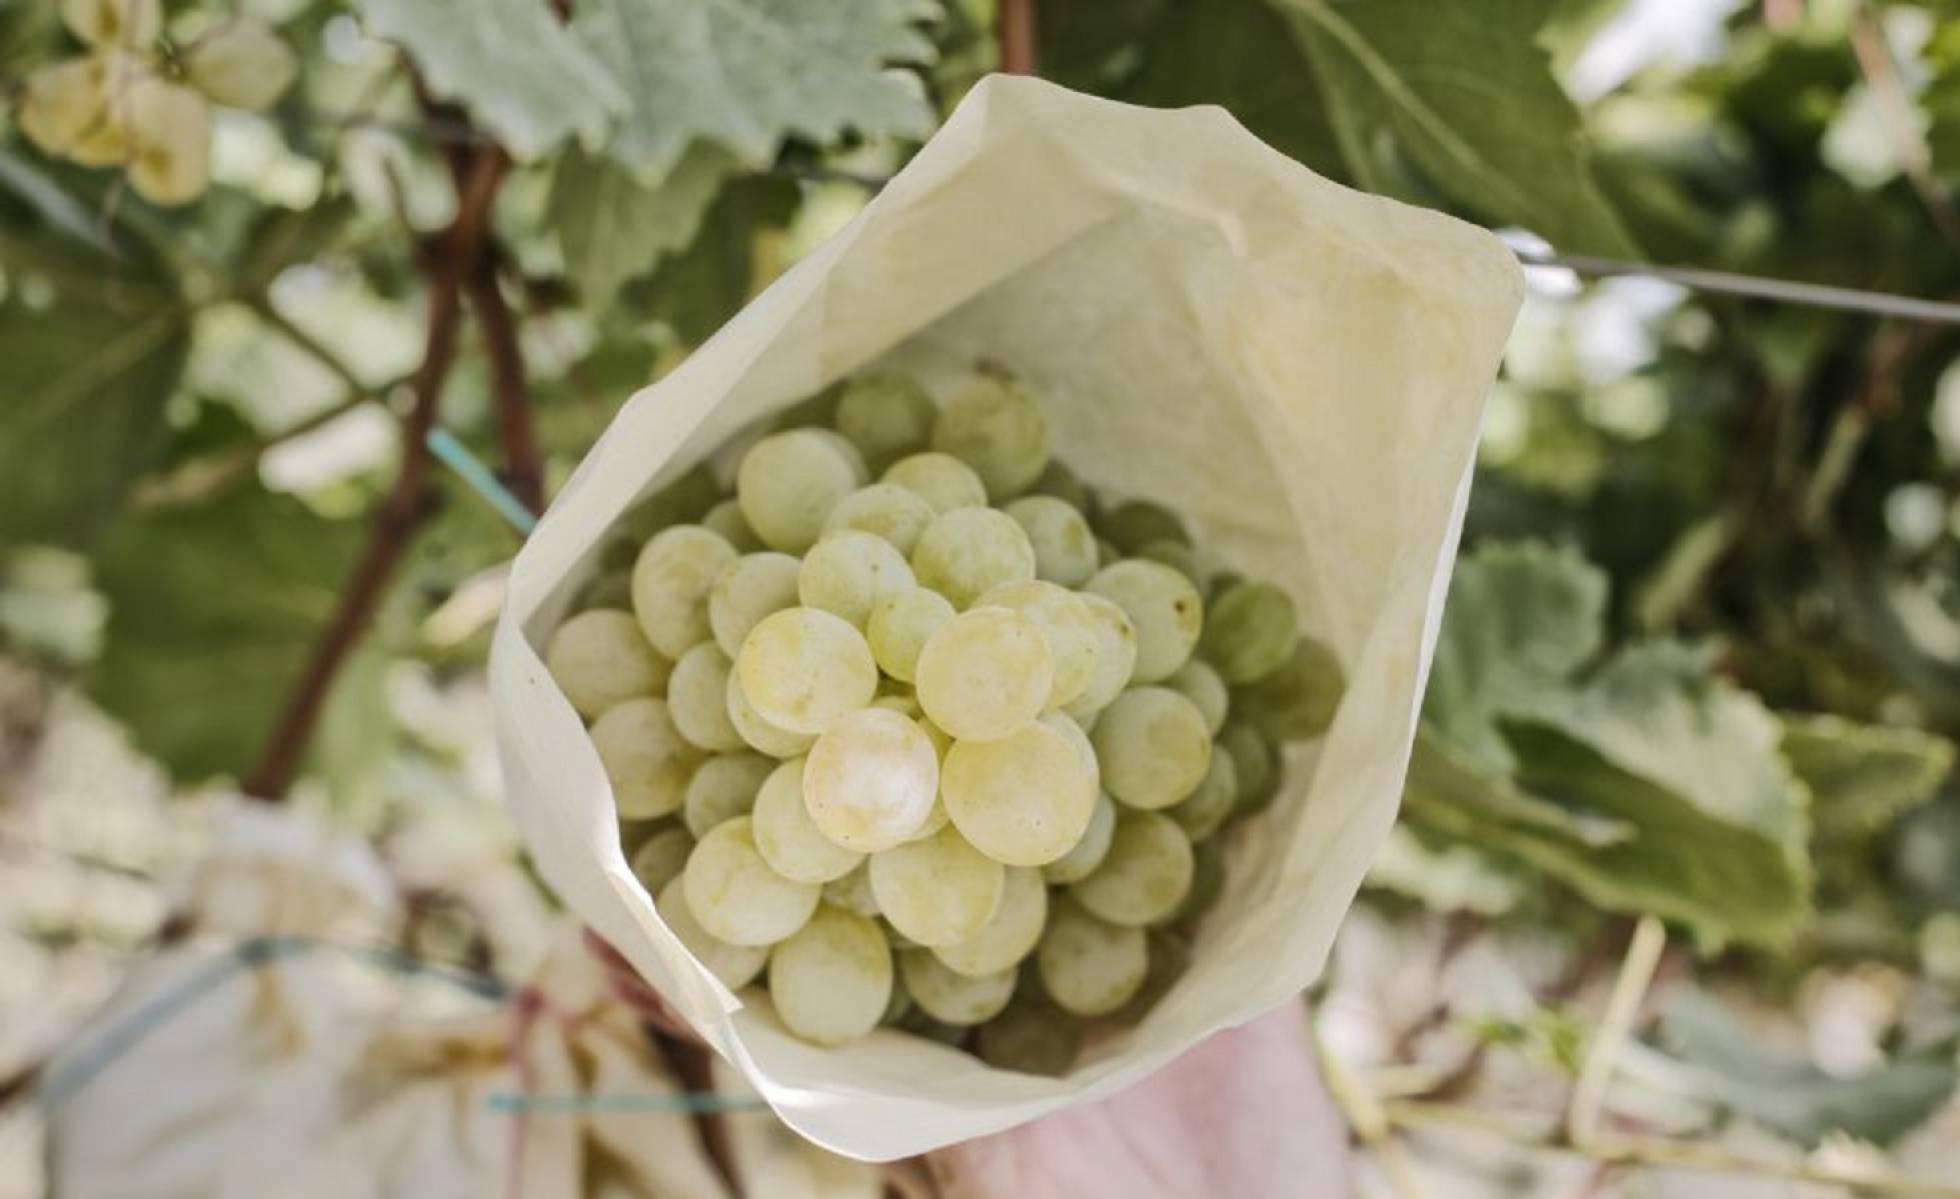 Винограда из Аликанте набирает популярность в Испании и выходит на азиатский рынок